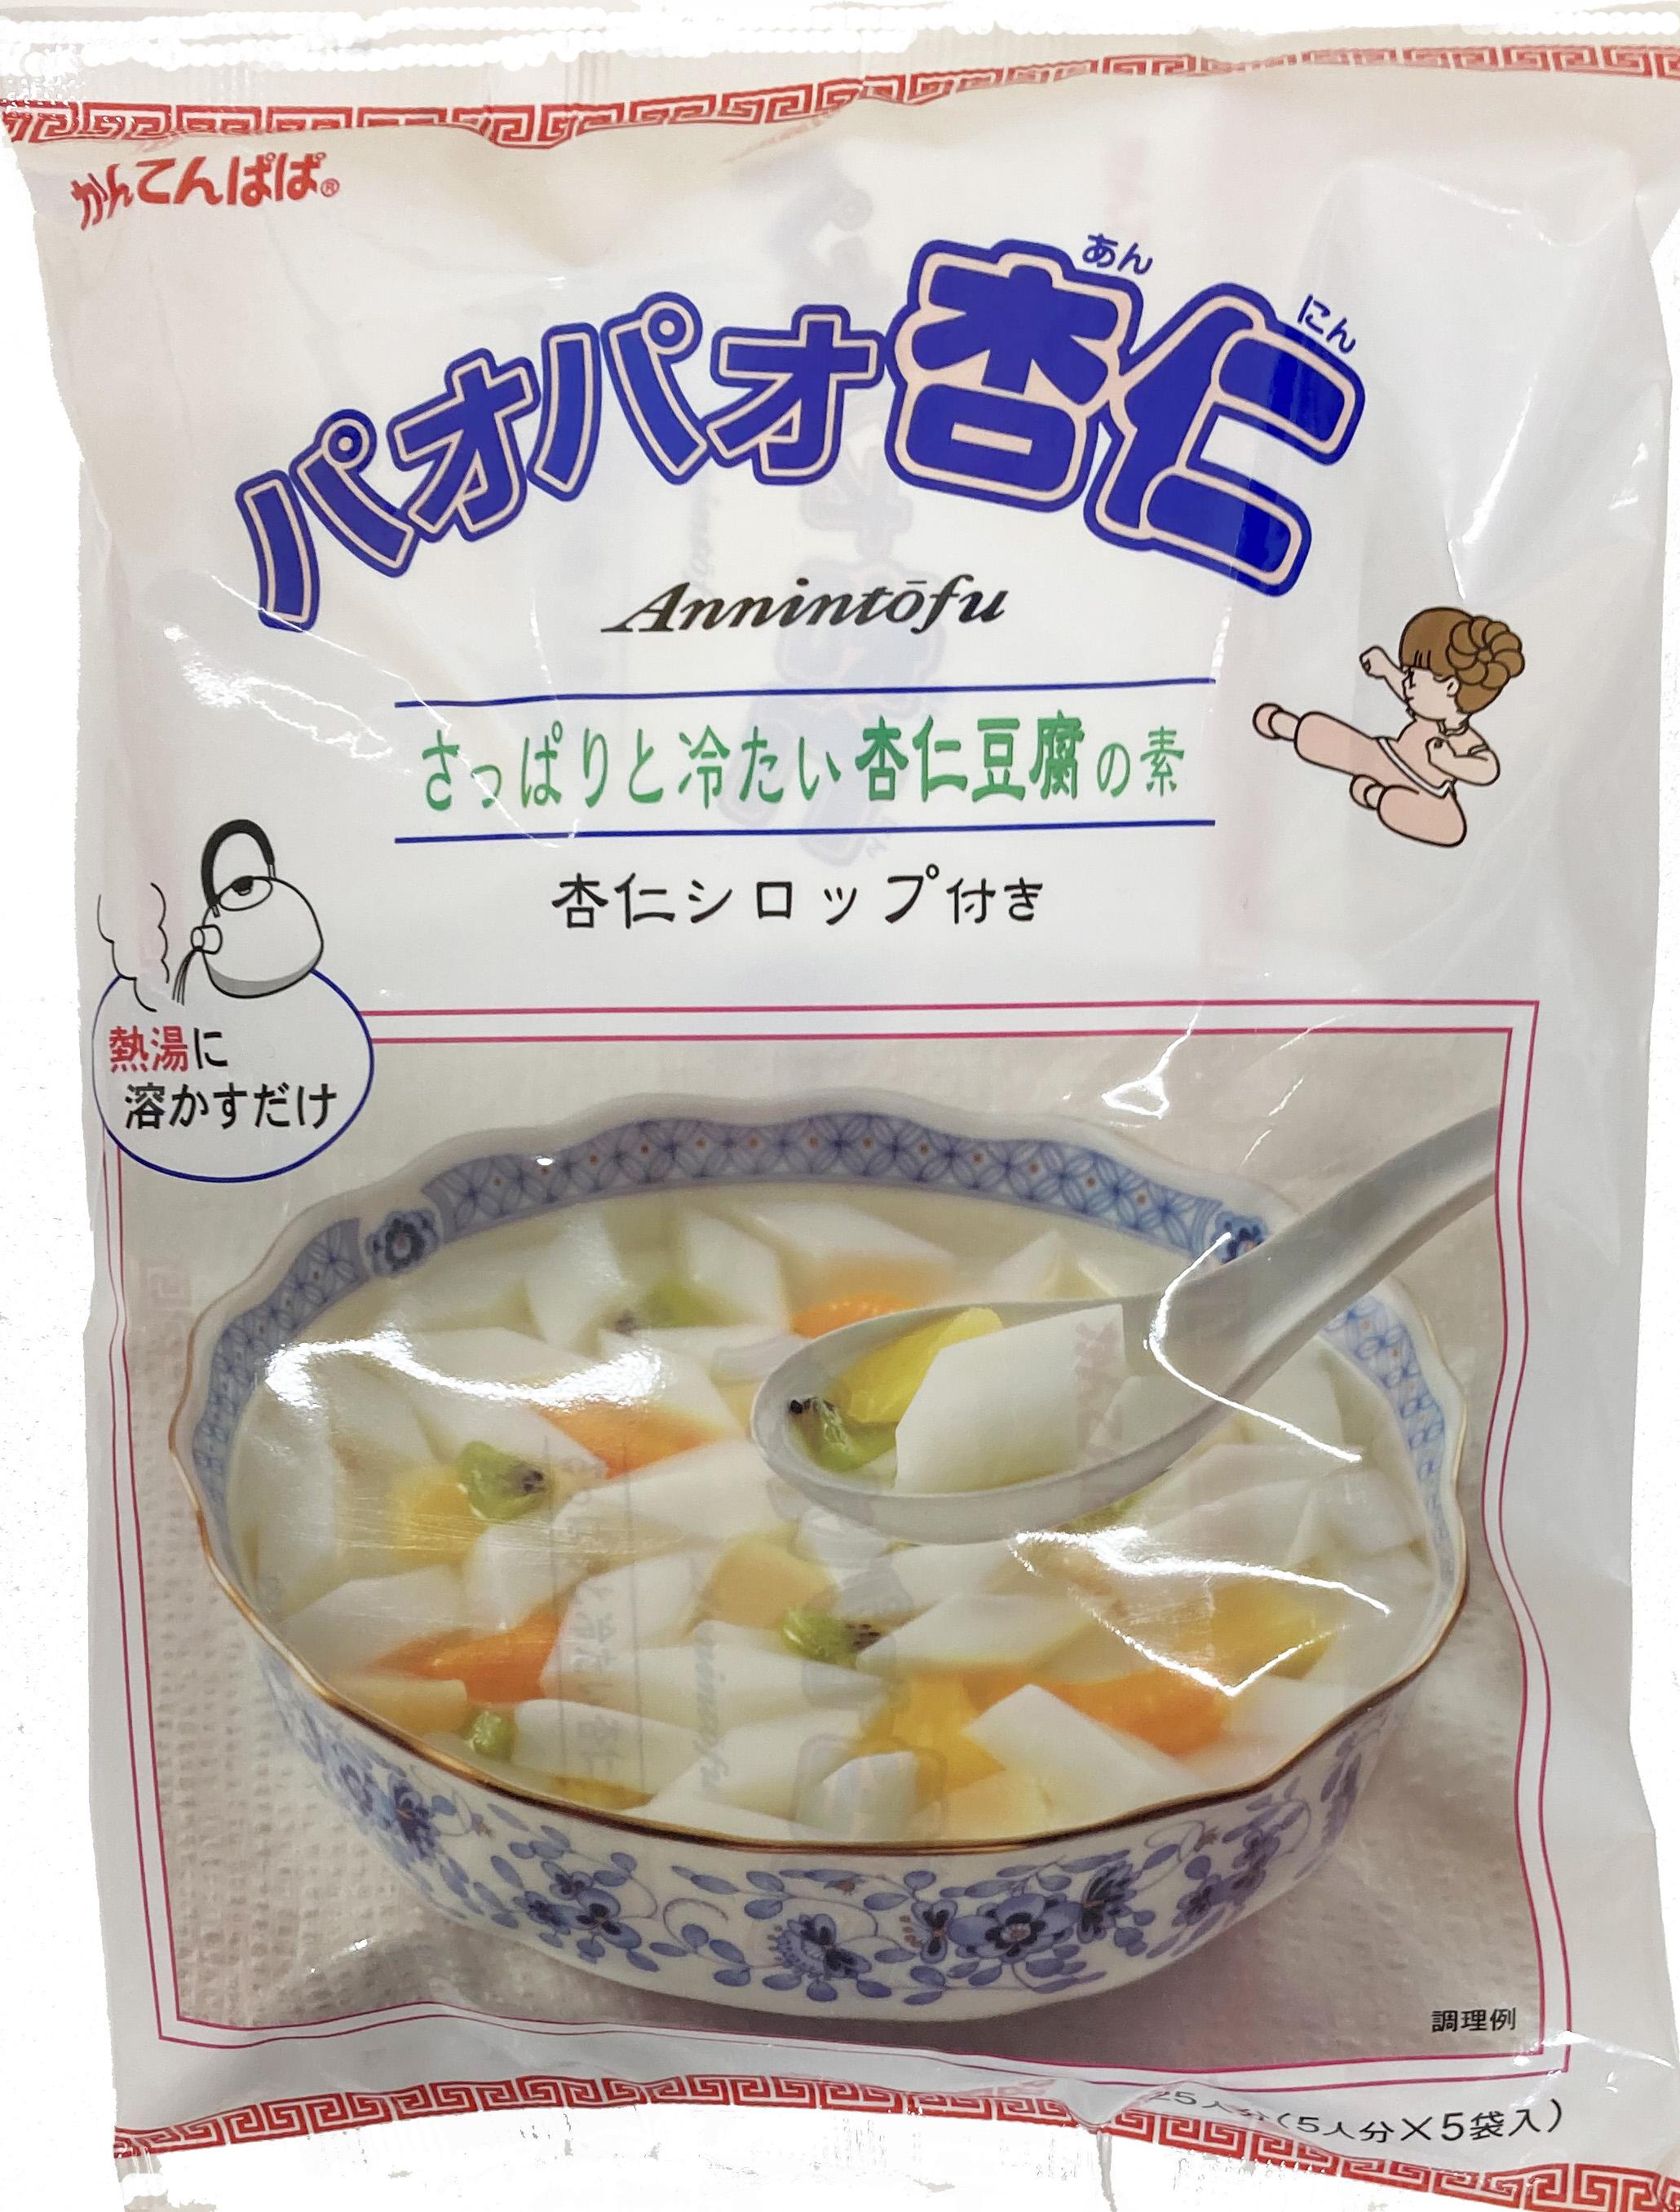 熱湯に溶かすだけで作れる杏仁豆腐 海藻が原料だから ヘルシー 冷やしてサッパリとした味わいです 流行 かんてんぱぱ パオパオ杏仁 25人分 5人分X5袋入 575g 舗